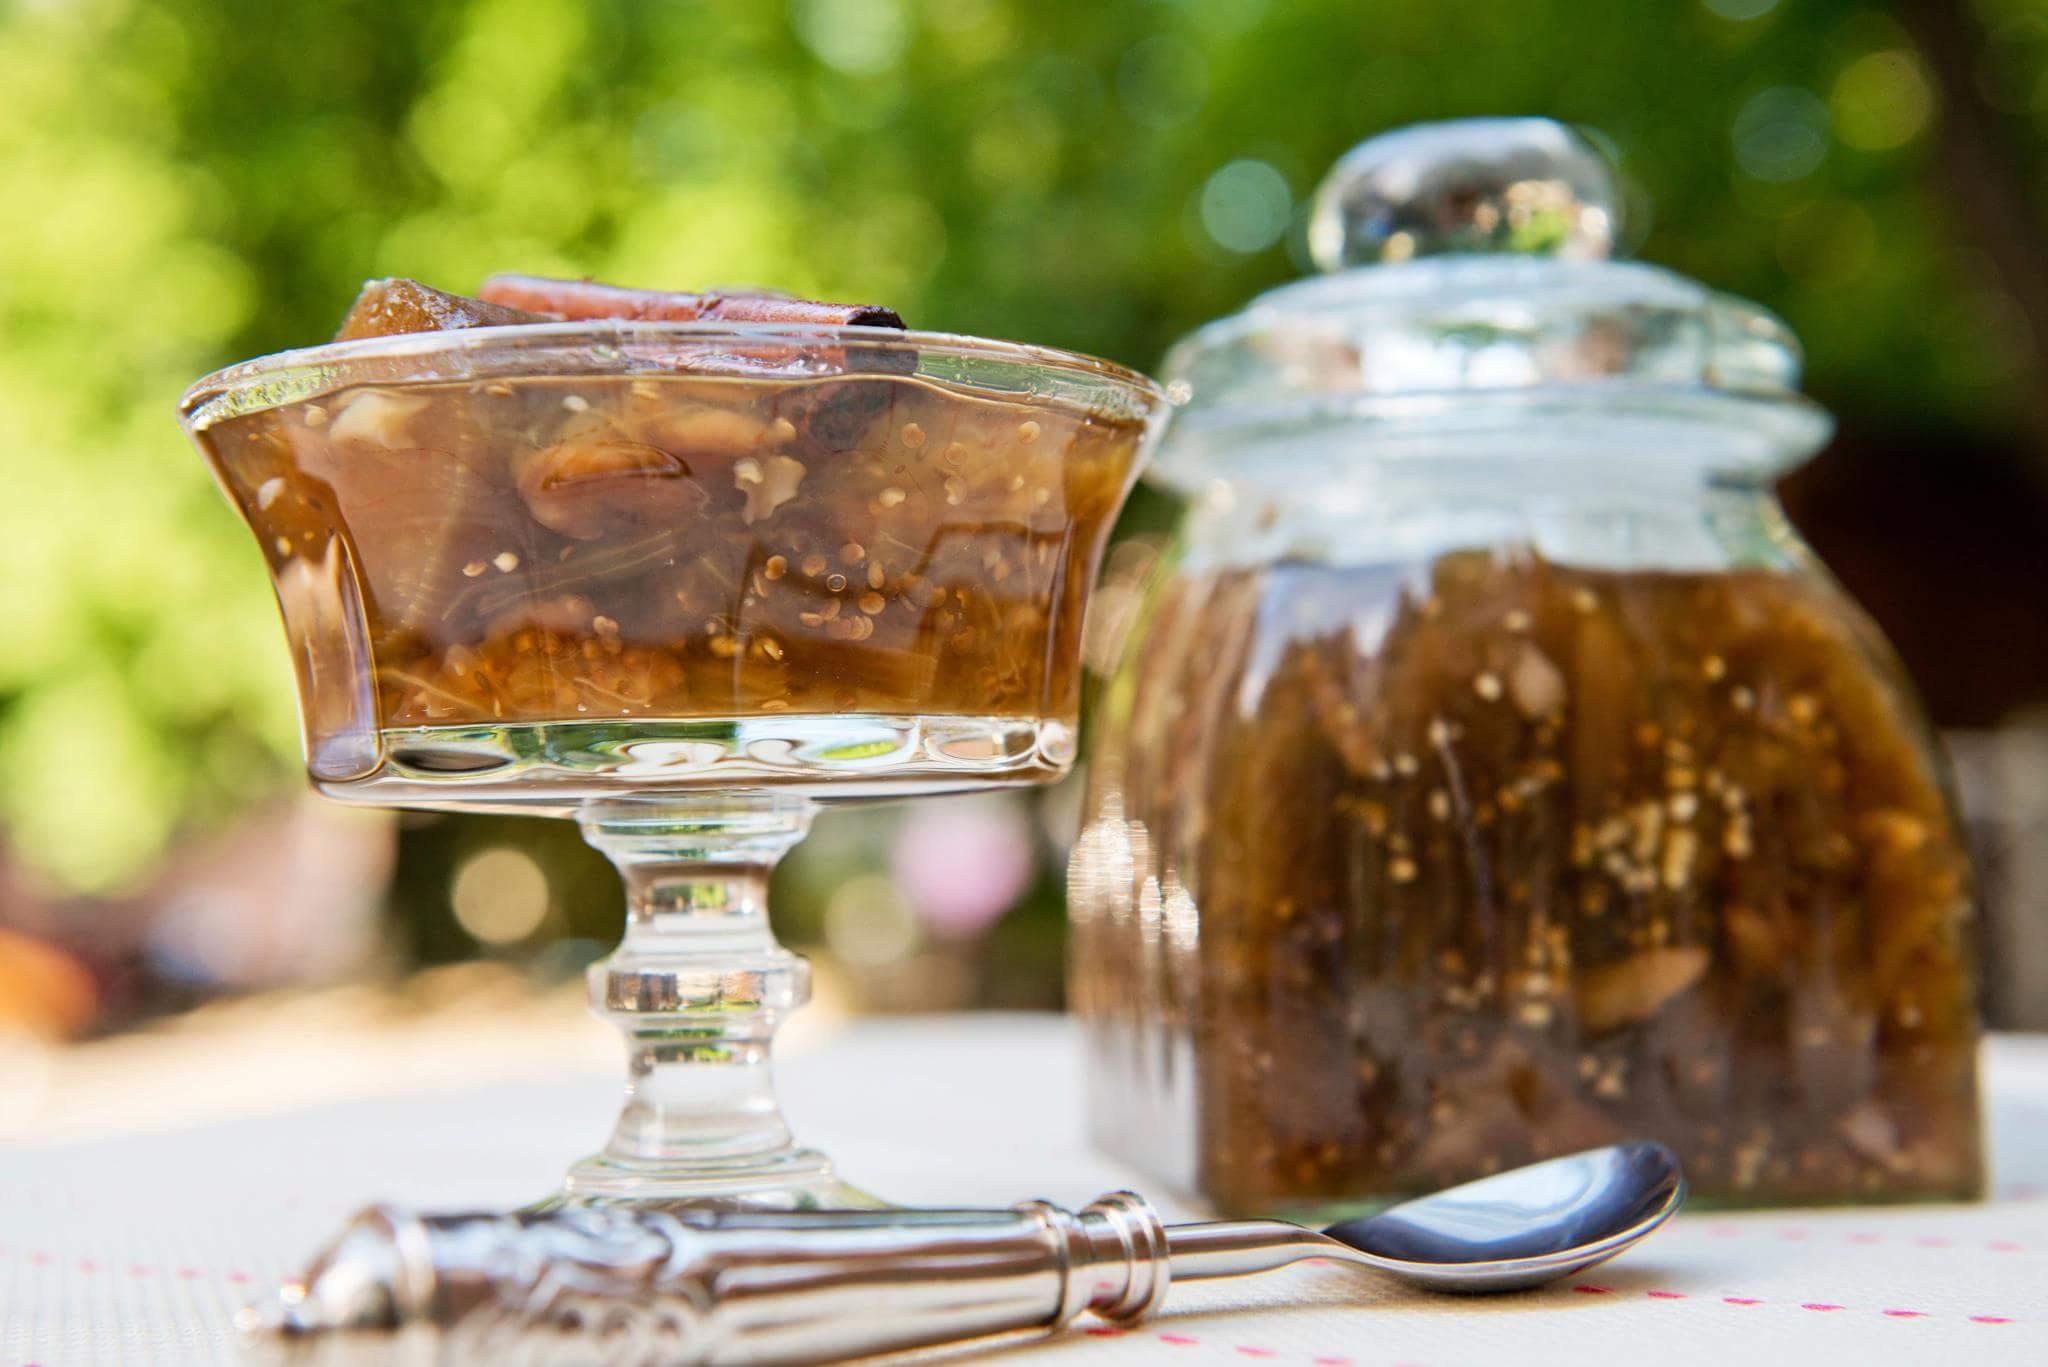 Клубничное варенье на зиму — 10 пошаговых рецептов варенья из клубники